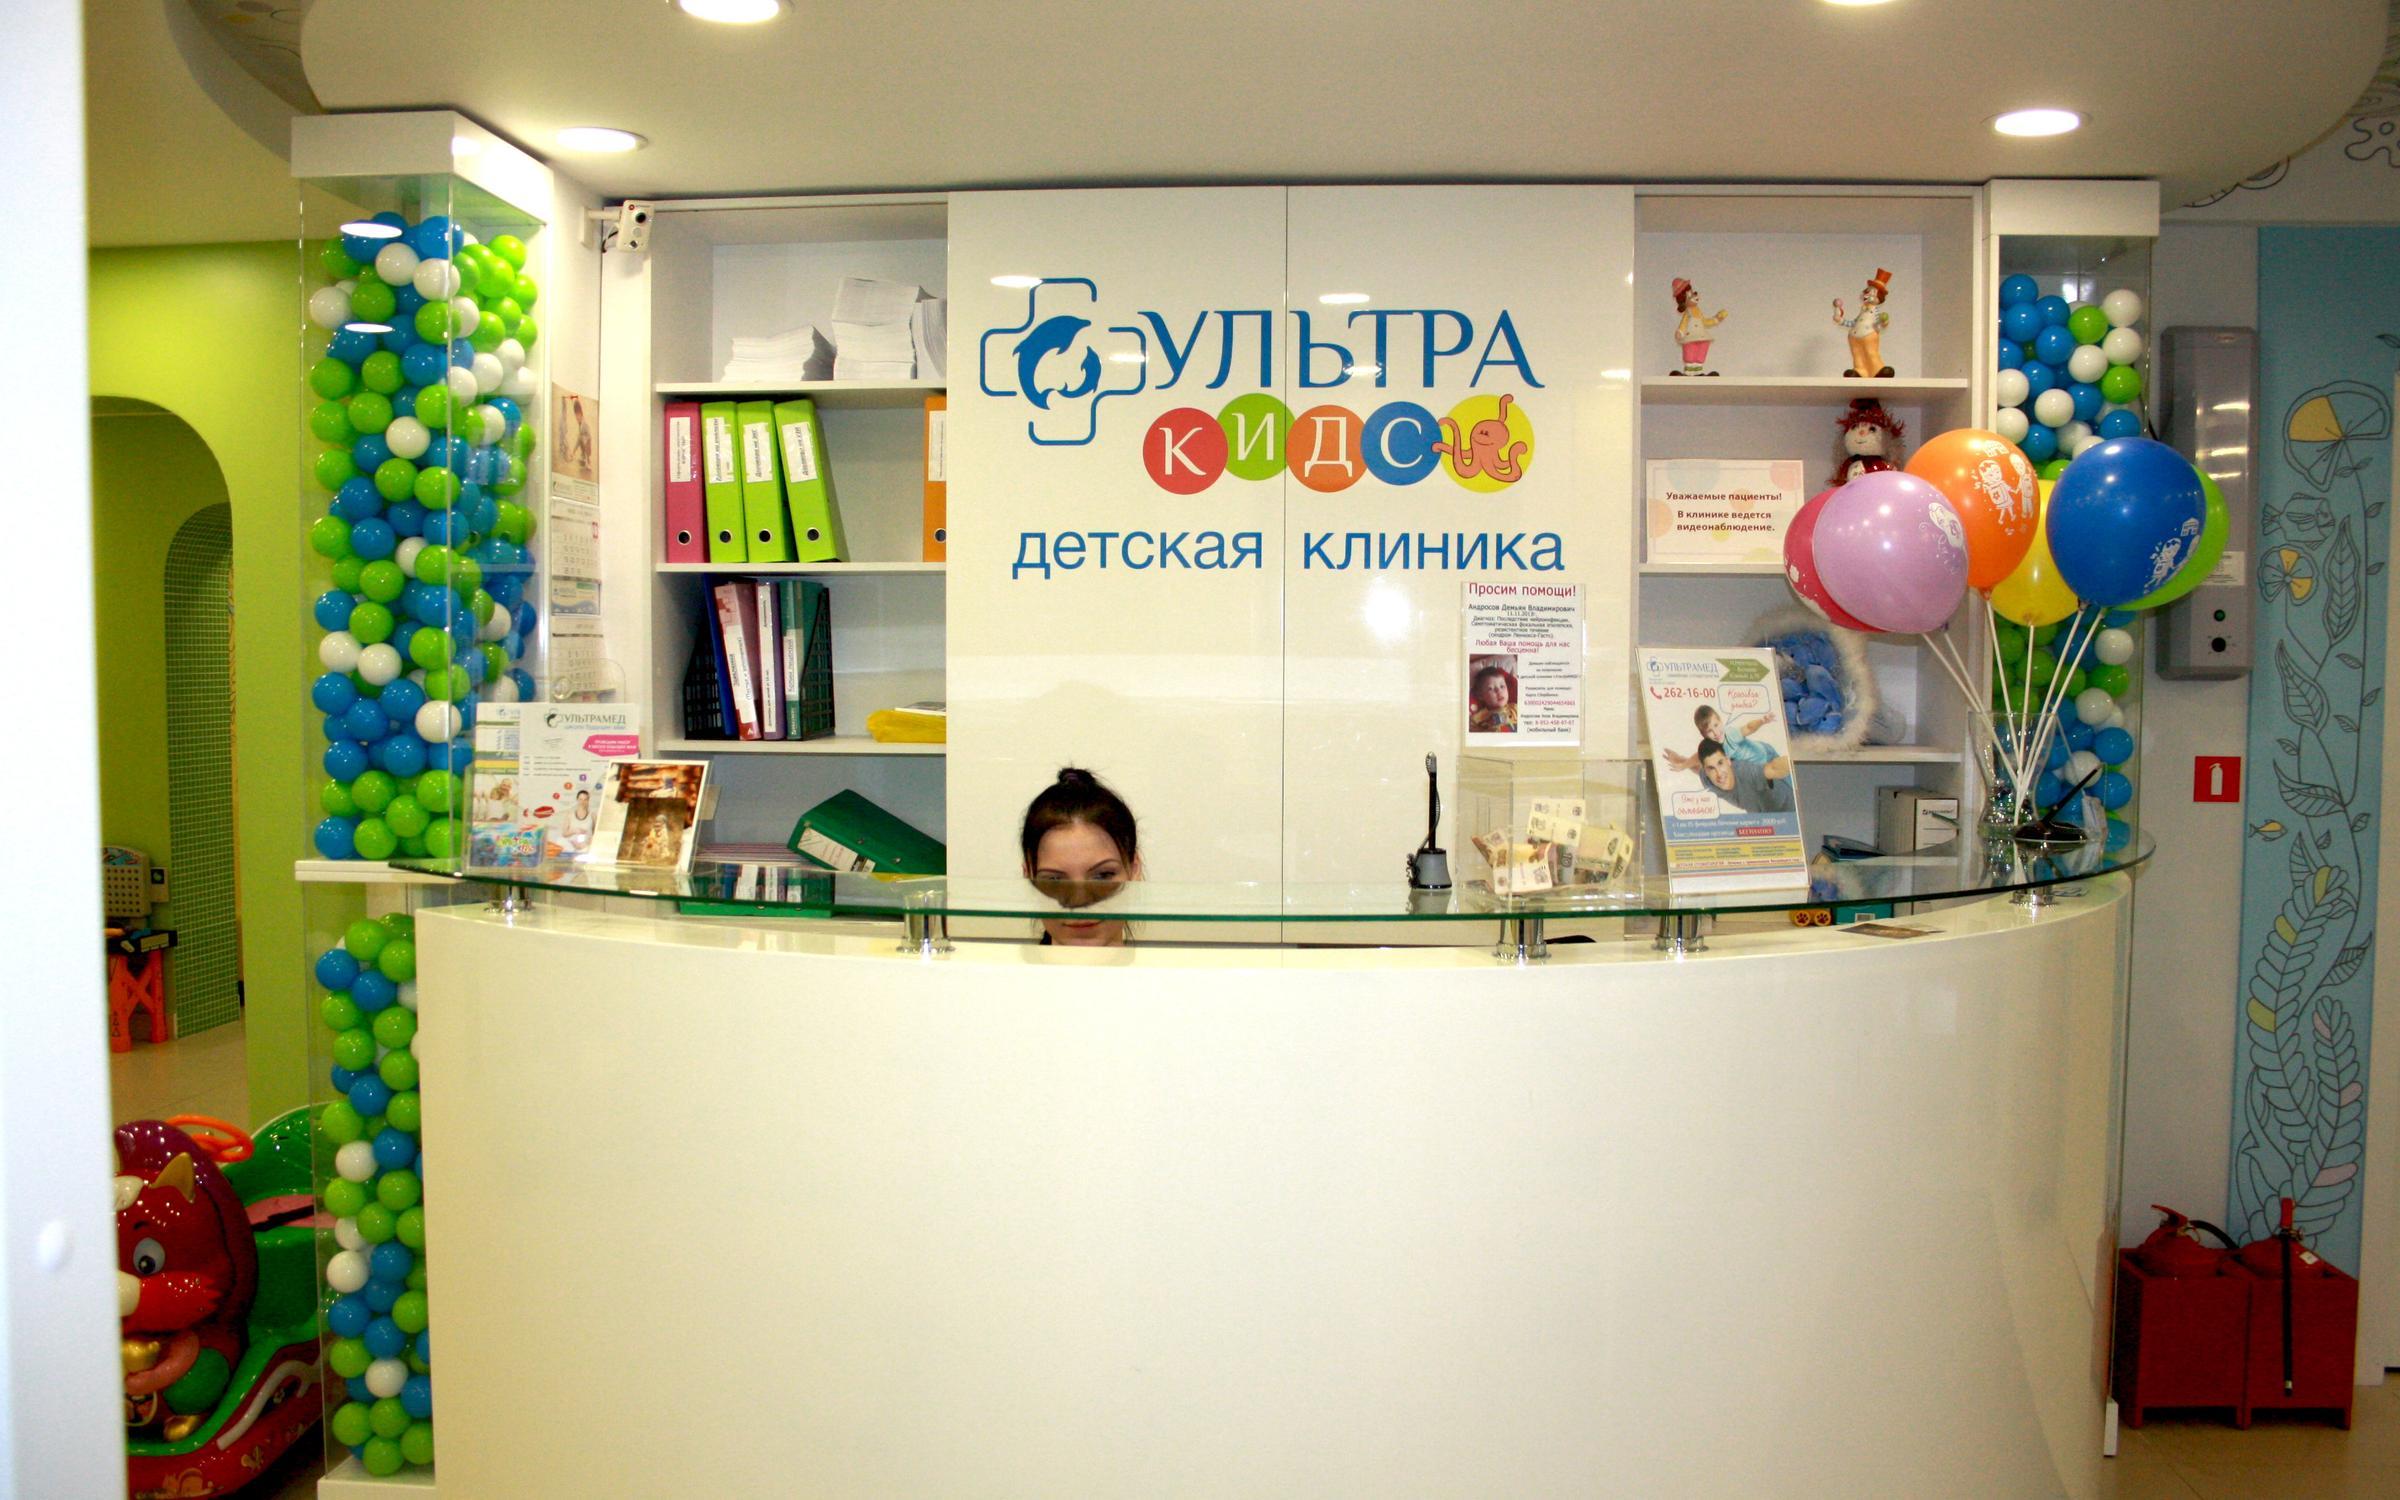 фотография Детской клиники УльтраKIDS на улице Янки Купалы